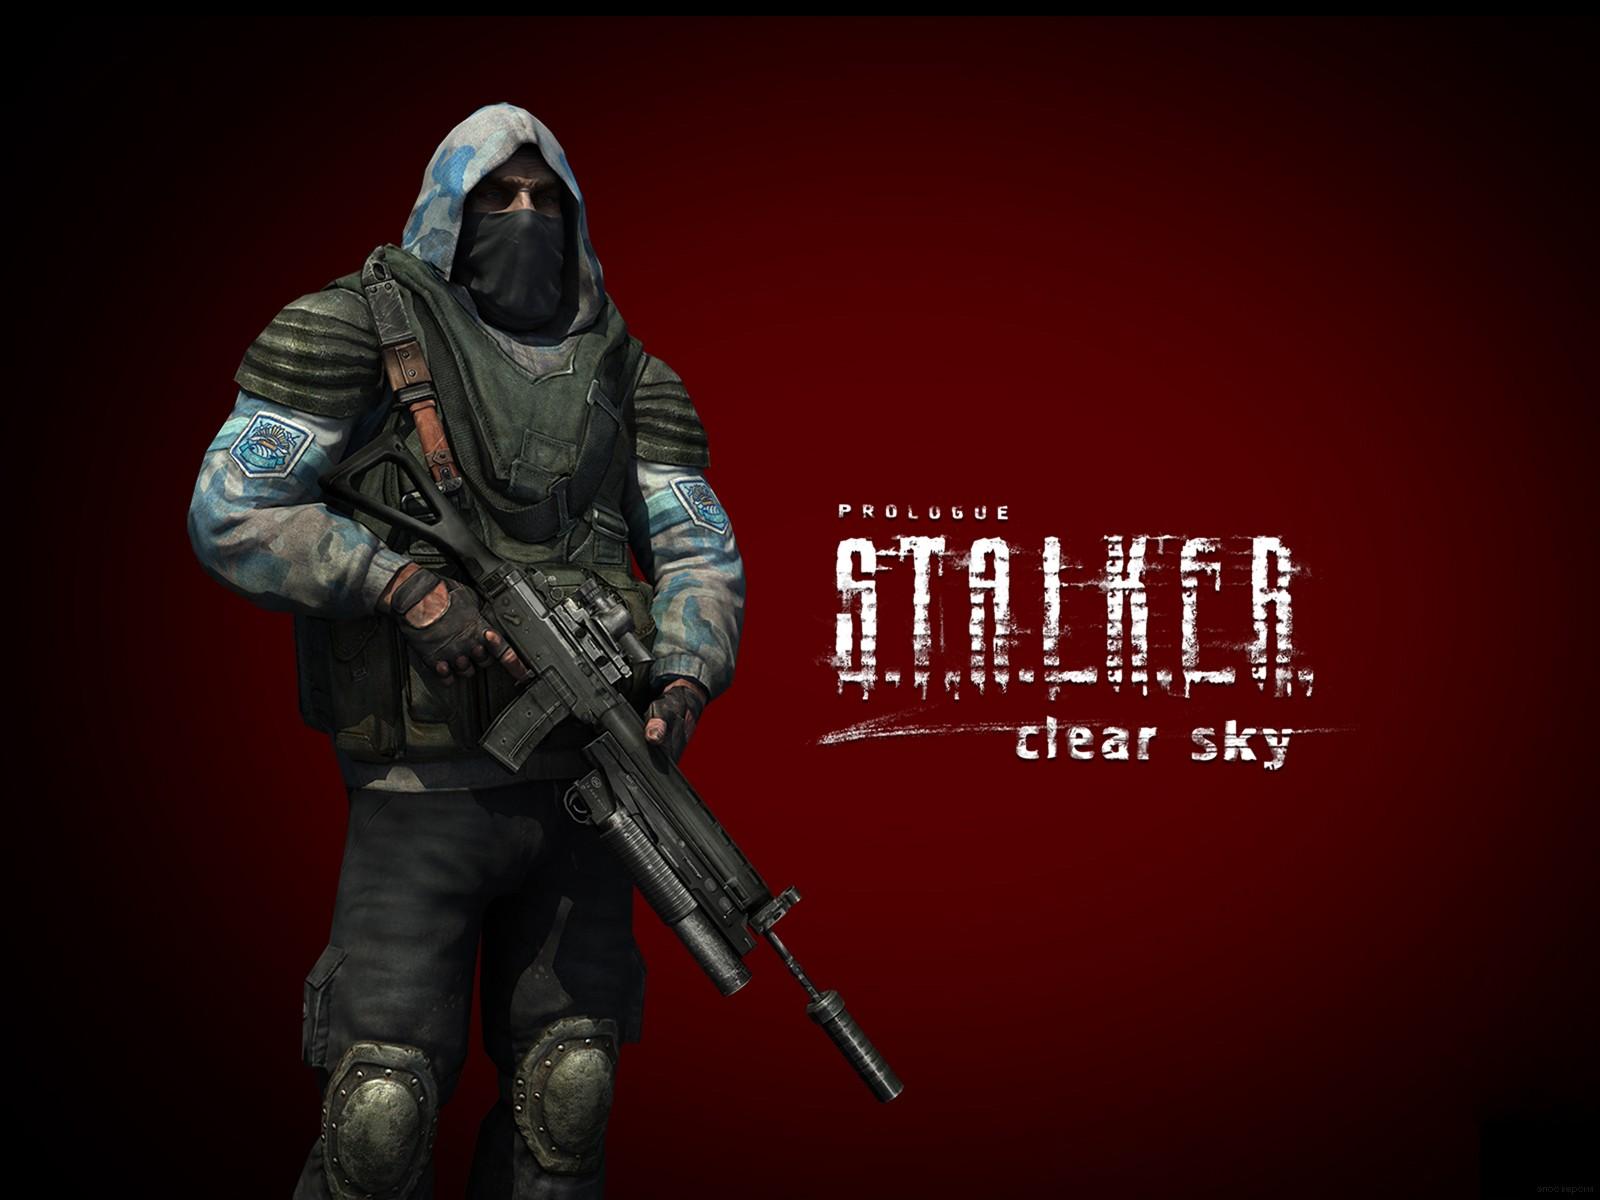 Описание Одна из самых захватывающих игр современности - Сталкер